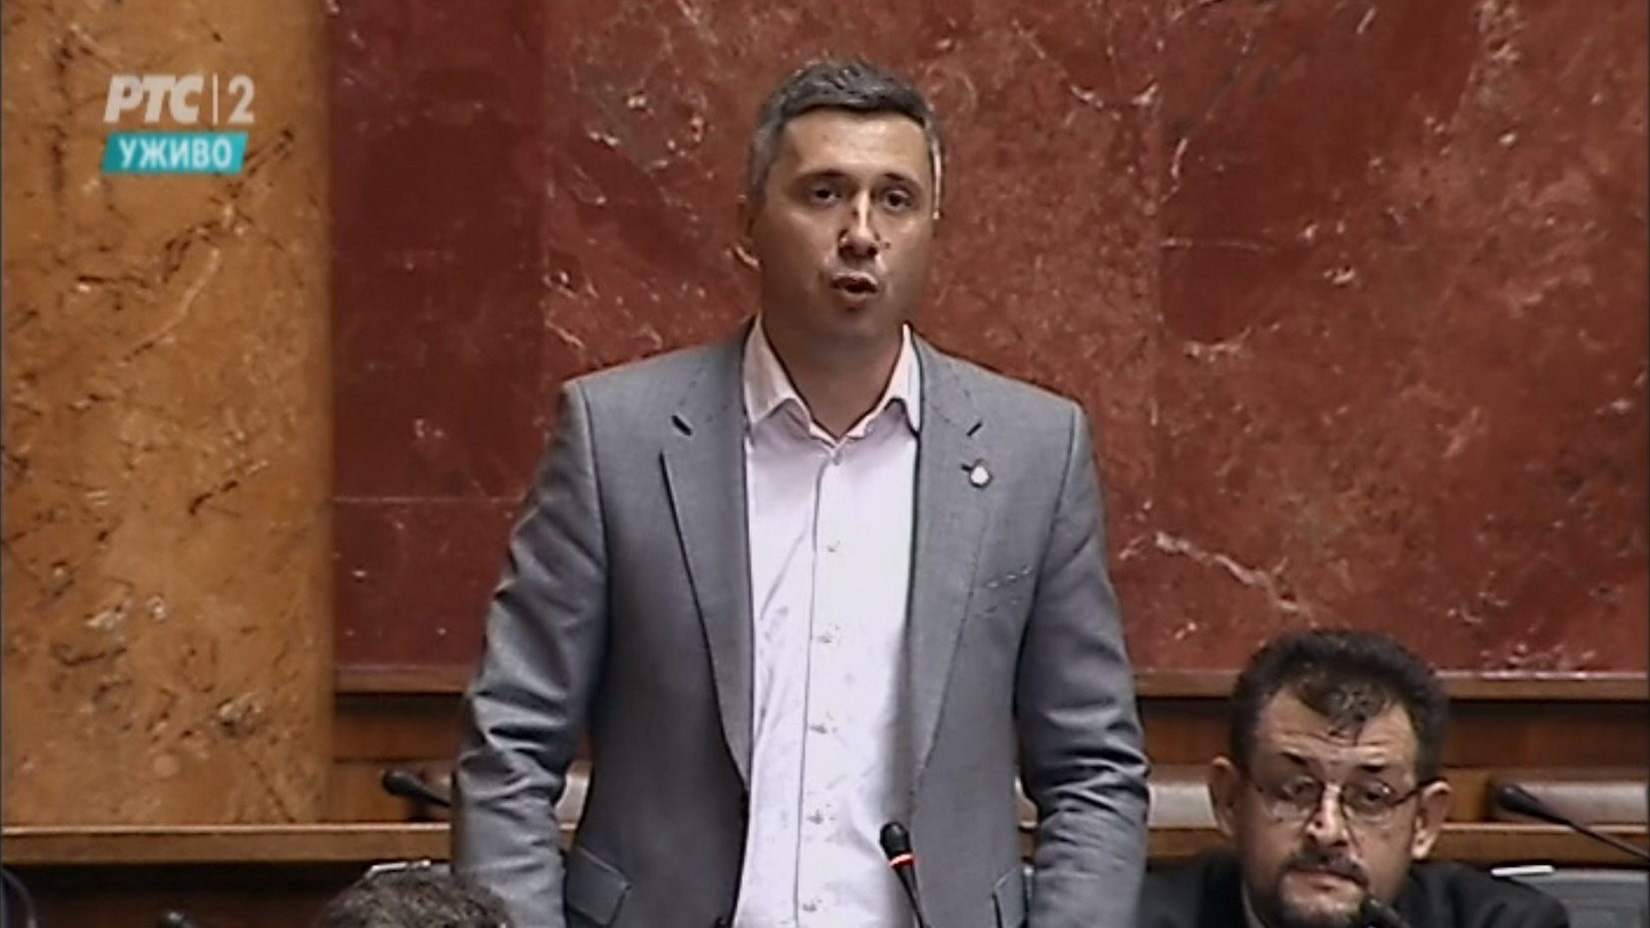 Sve građane zanima odgovor na pitanja koja je Boško Obradović uputio Vladi